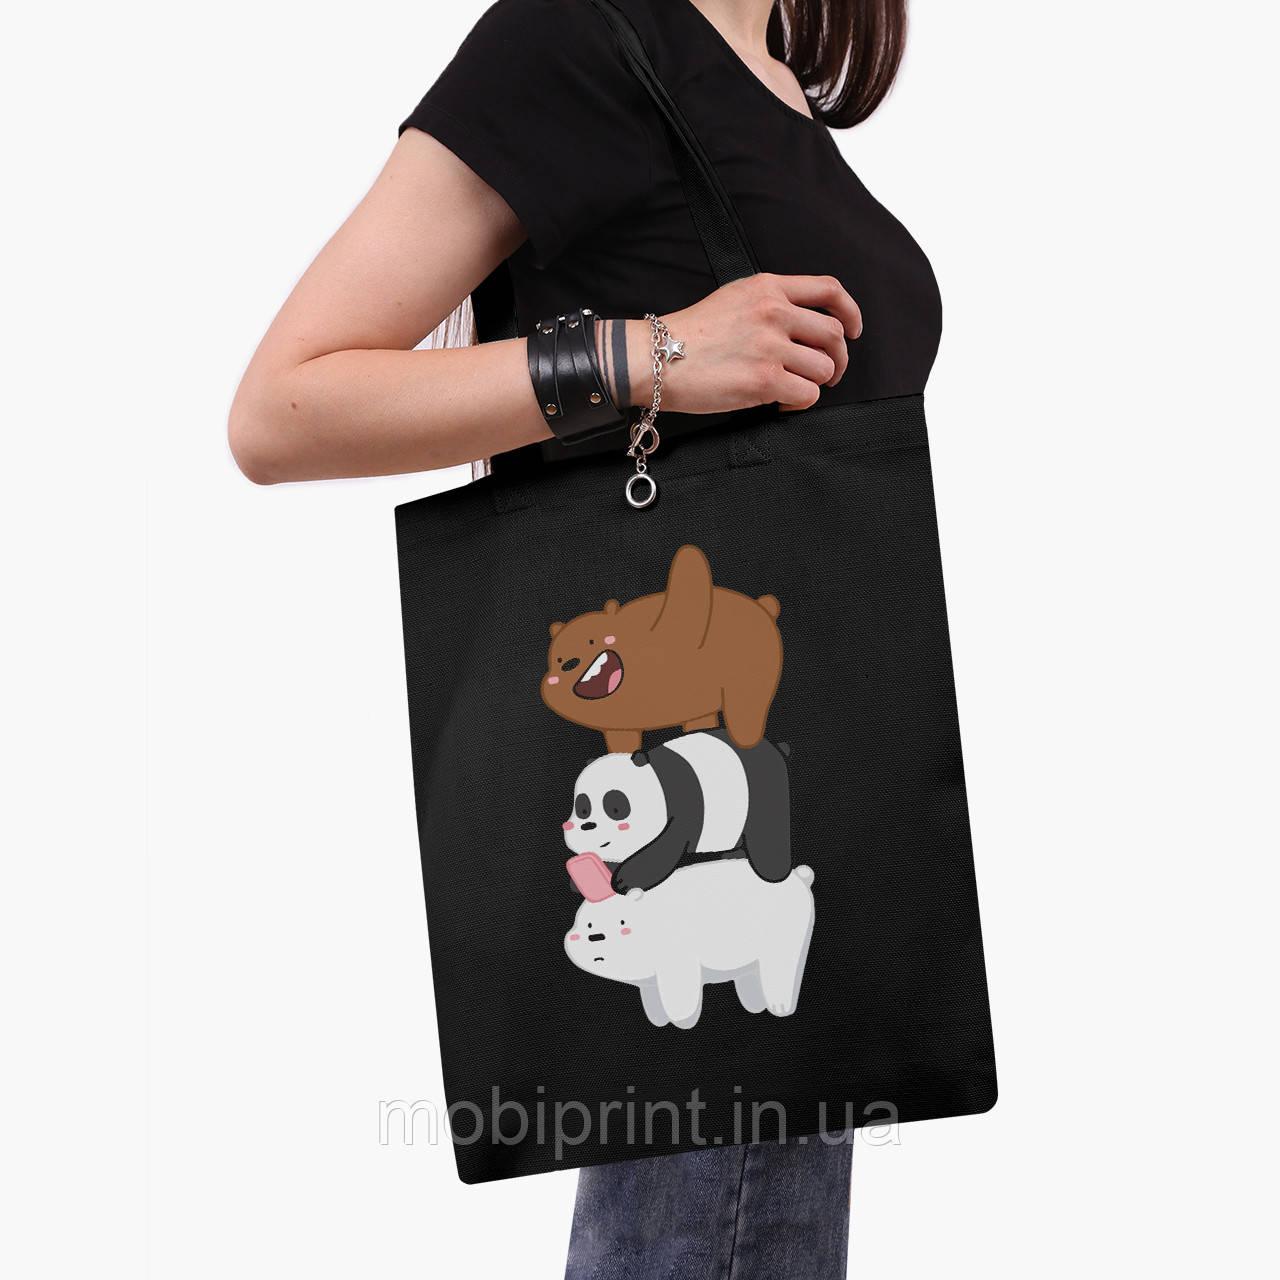 Эко сумка шоппер черная Вся правда о медведях (We Bare Bears) (9227-2643-2)  41*35 см